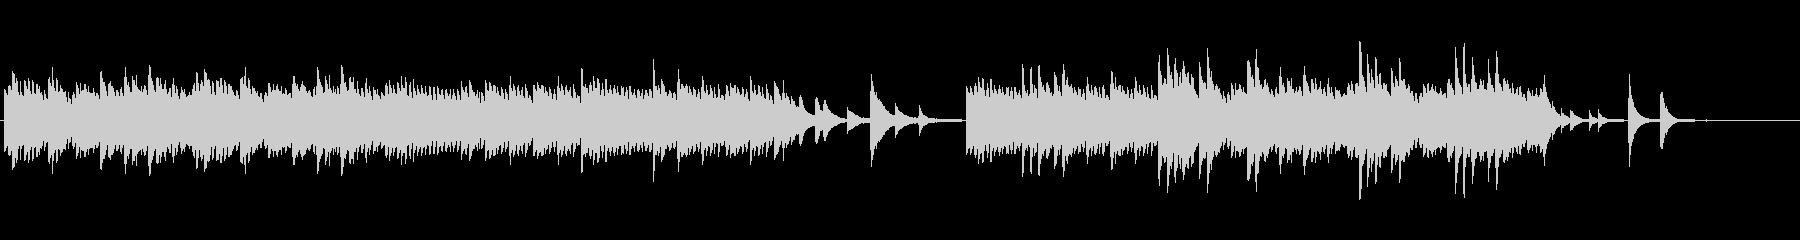 映画音楽風、ピアノの分散和音フレーズの未再生の波形